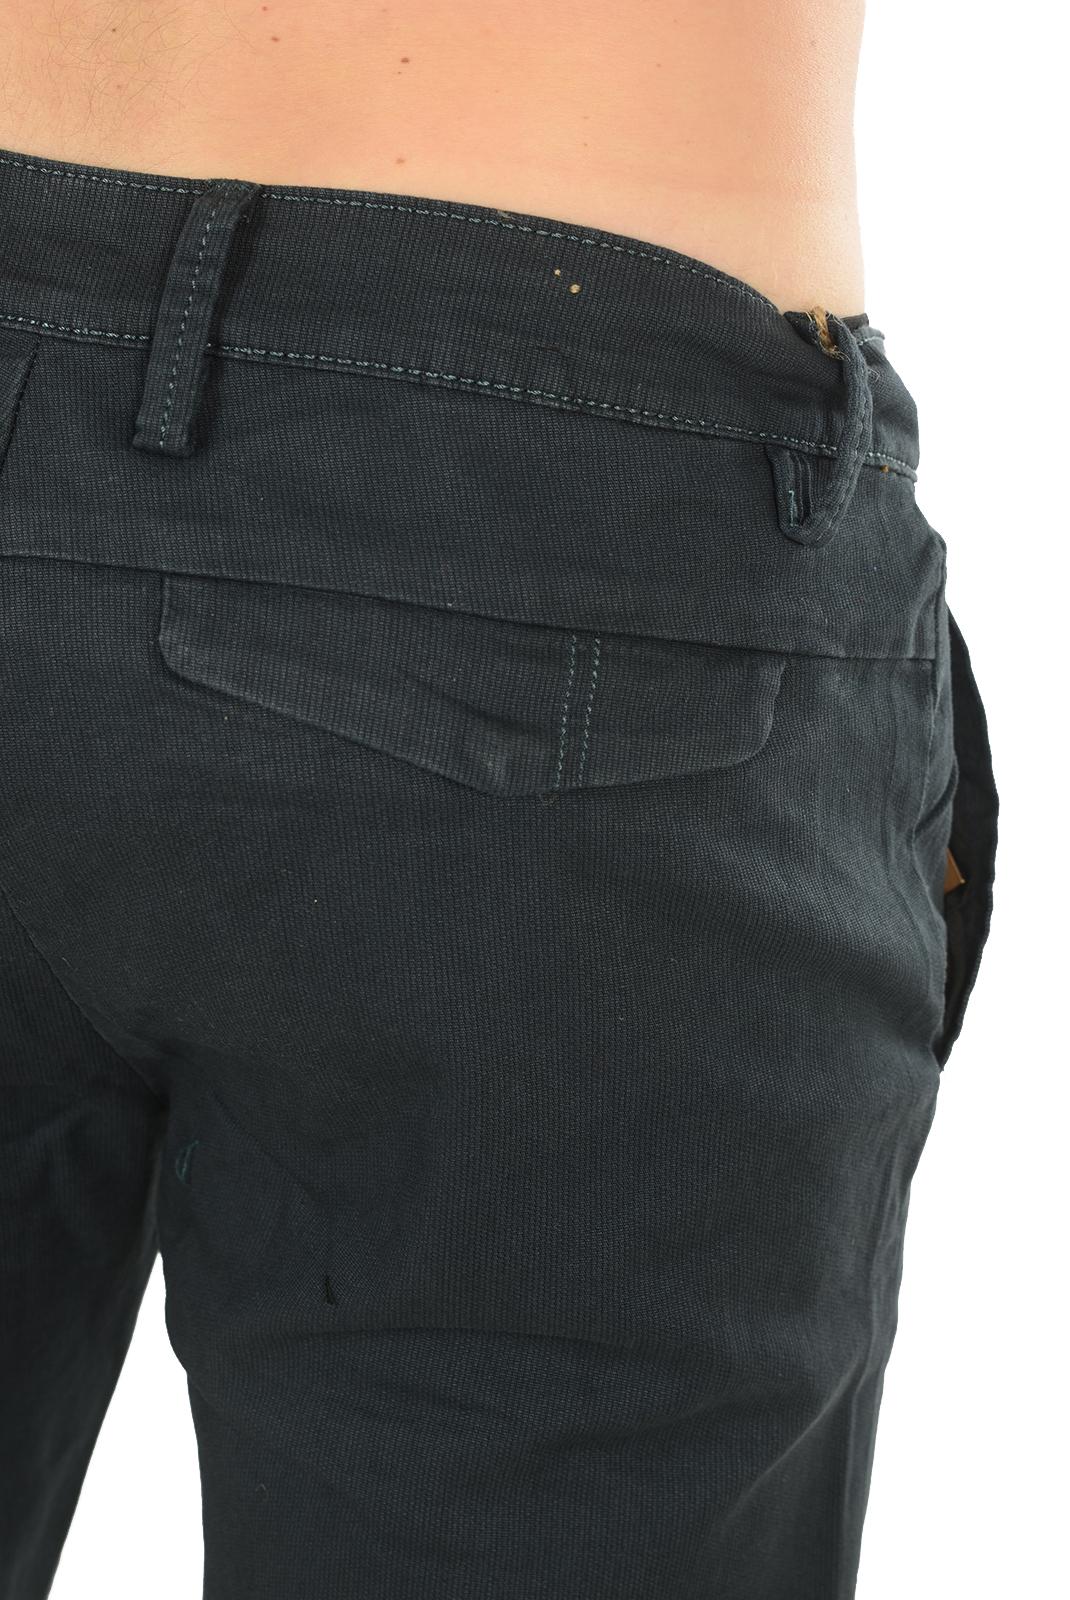 Pantalons chino/citadin  Giani 5 9236B BLEU